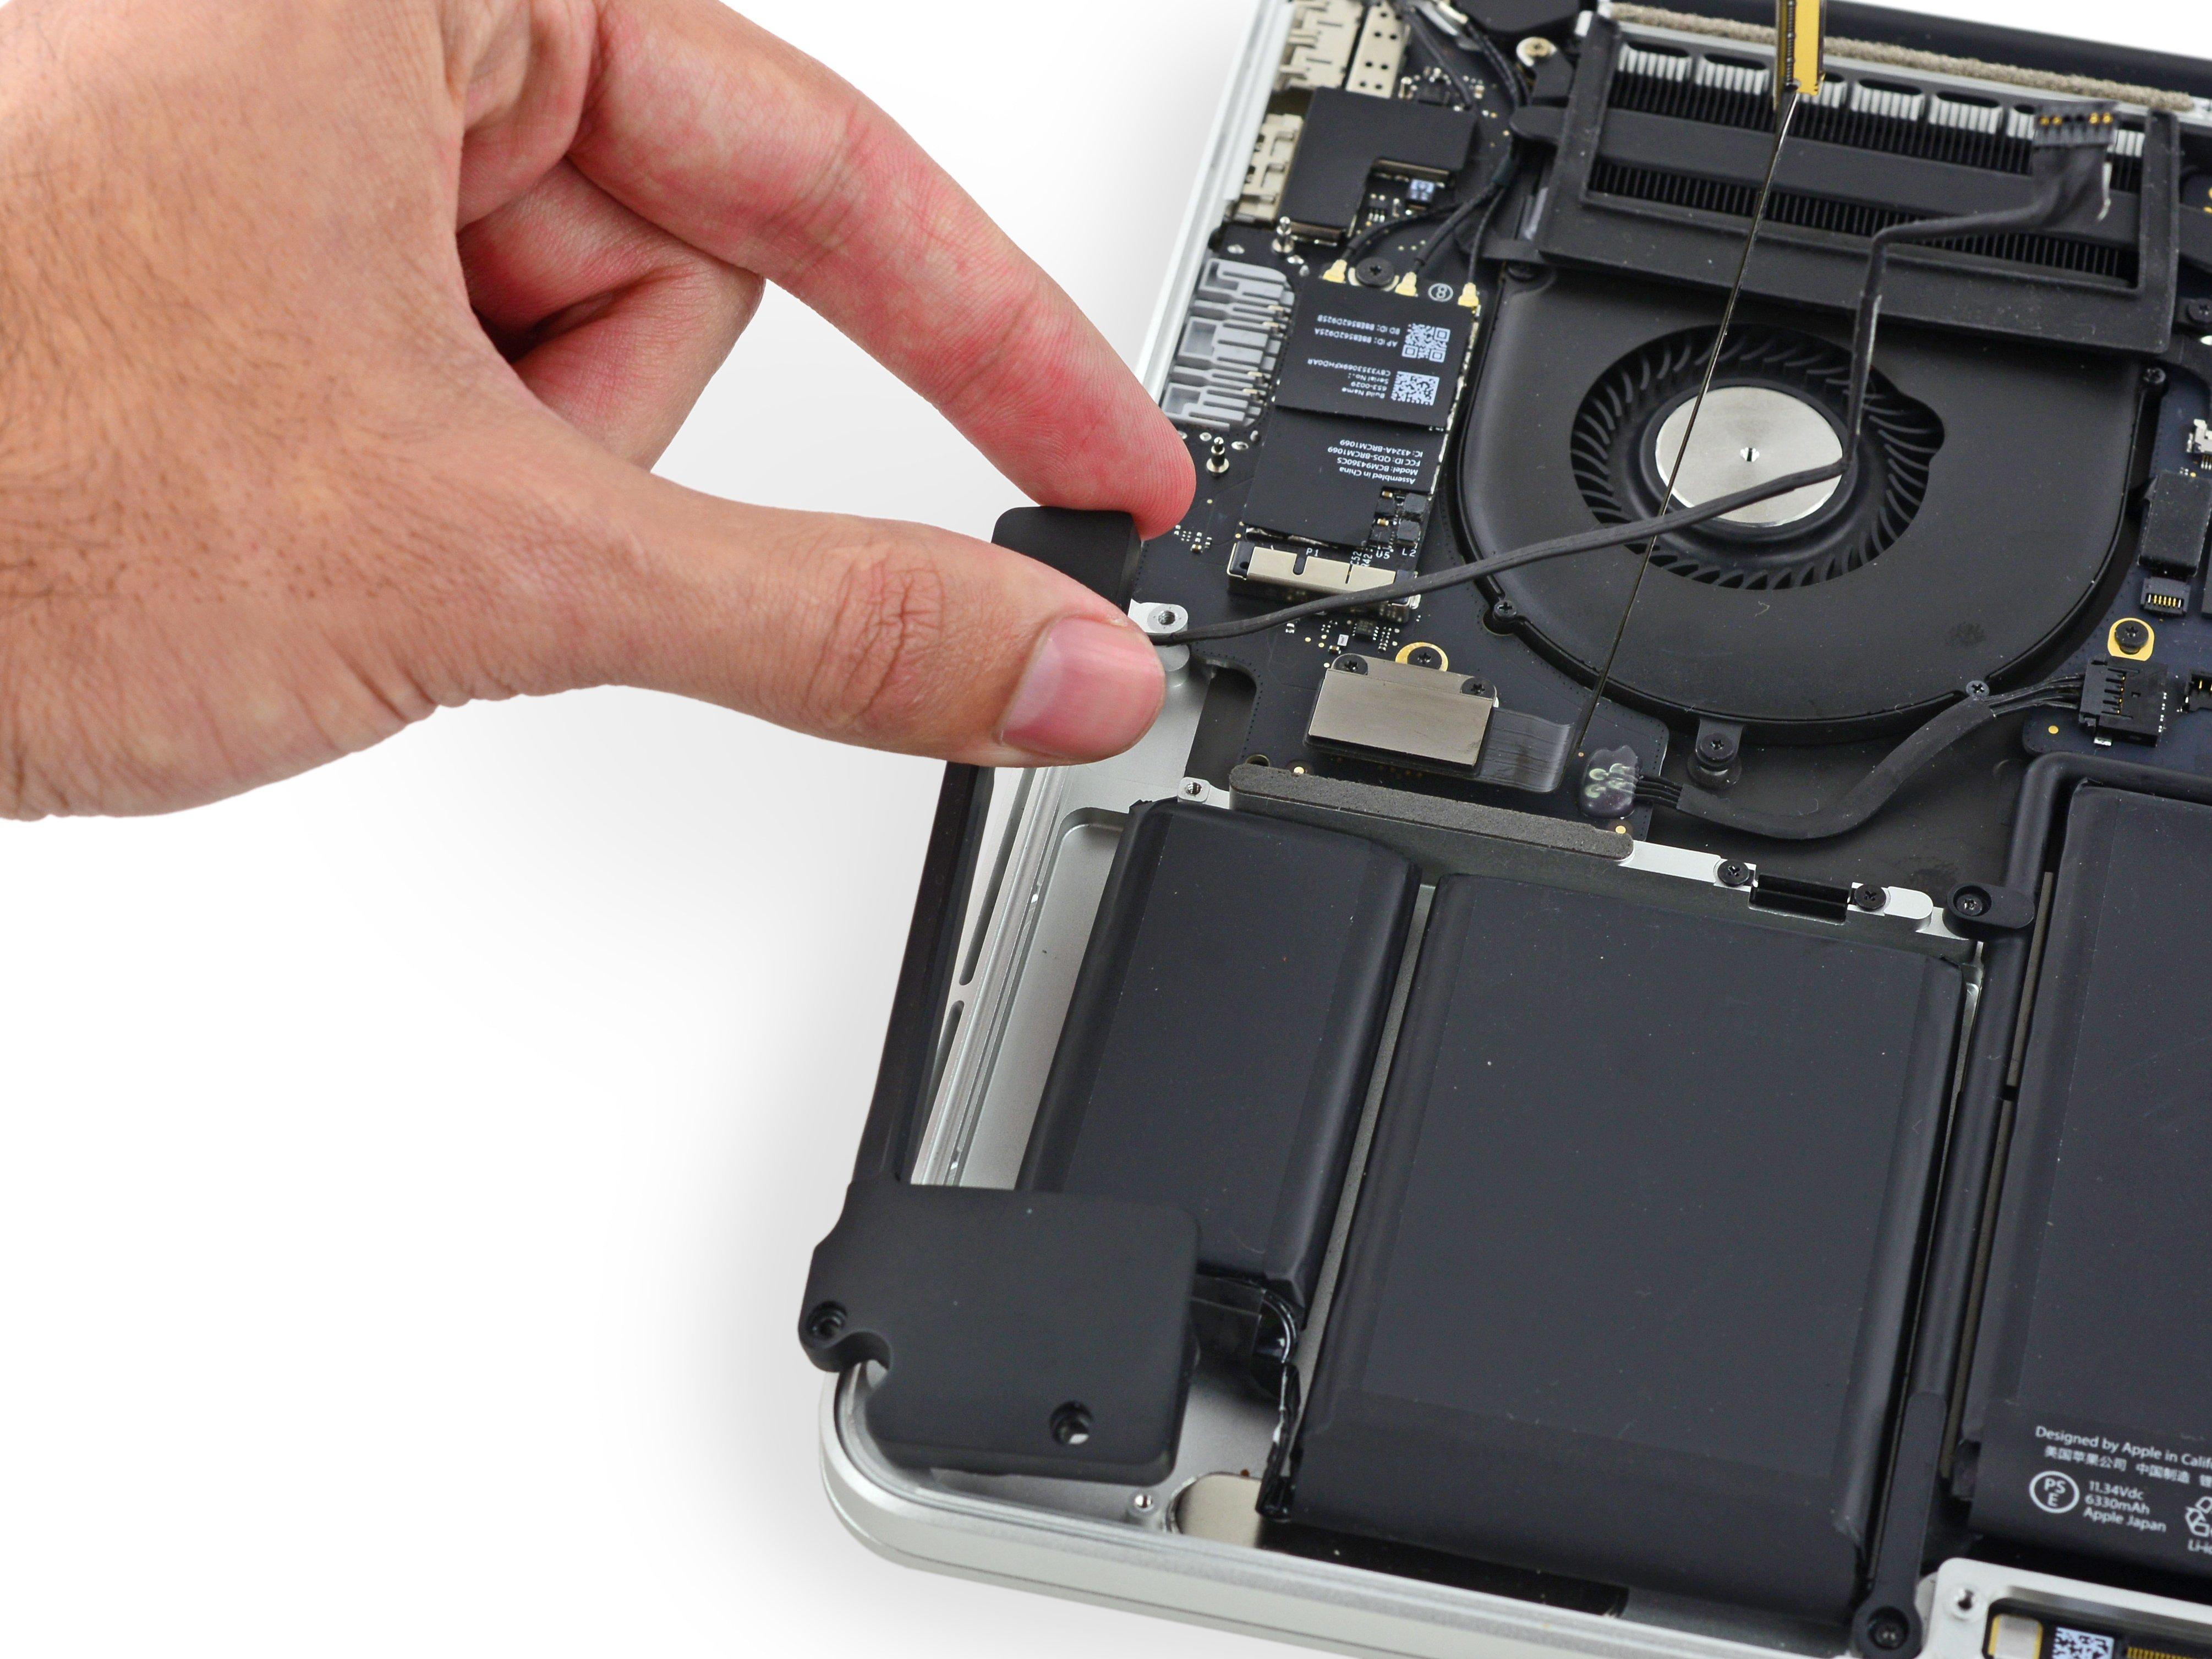 Altavoz Interno Izquierdo Derecho para Macbook Pro 15